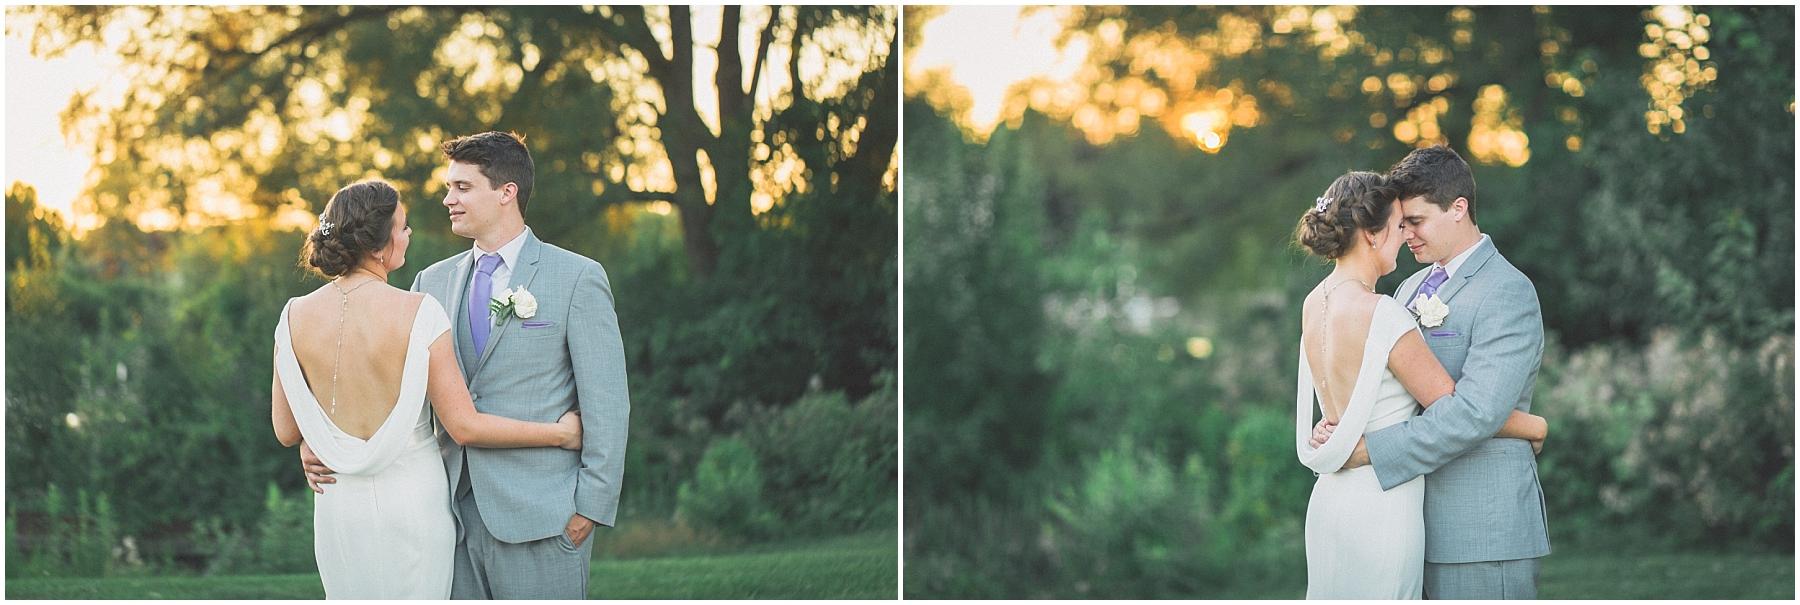 fingerlakesweddingphotography_0370.jpg